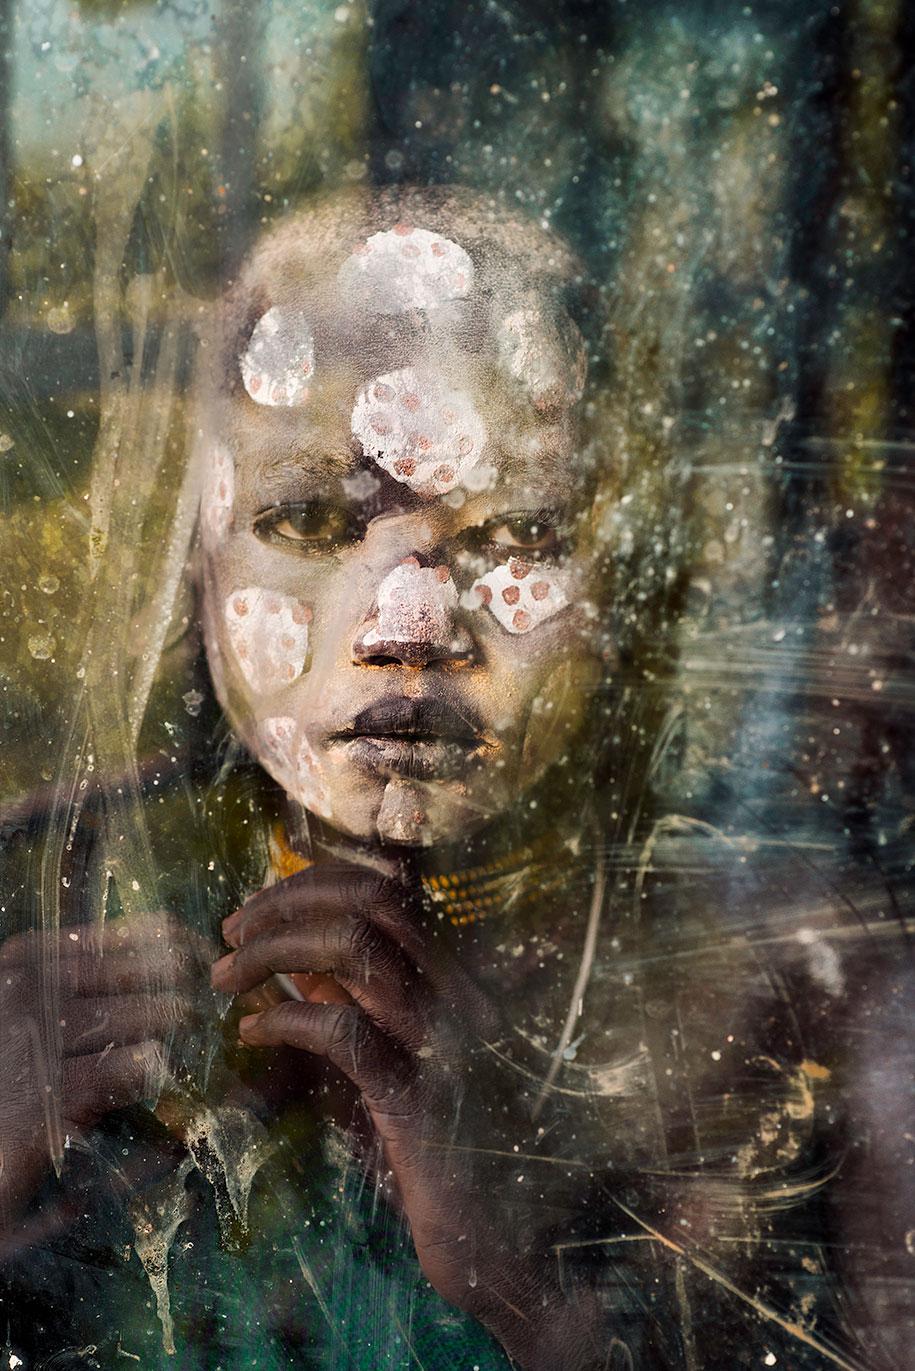 150-Portraits-de-Personnes-par-Steve-McCurry-03.jpg